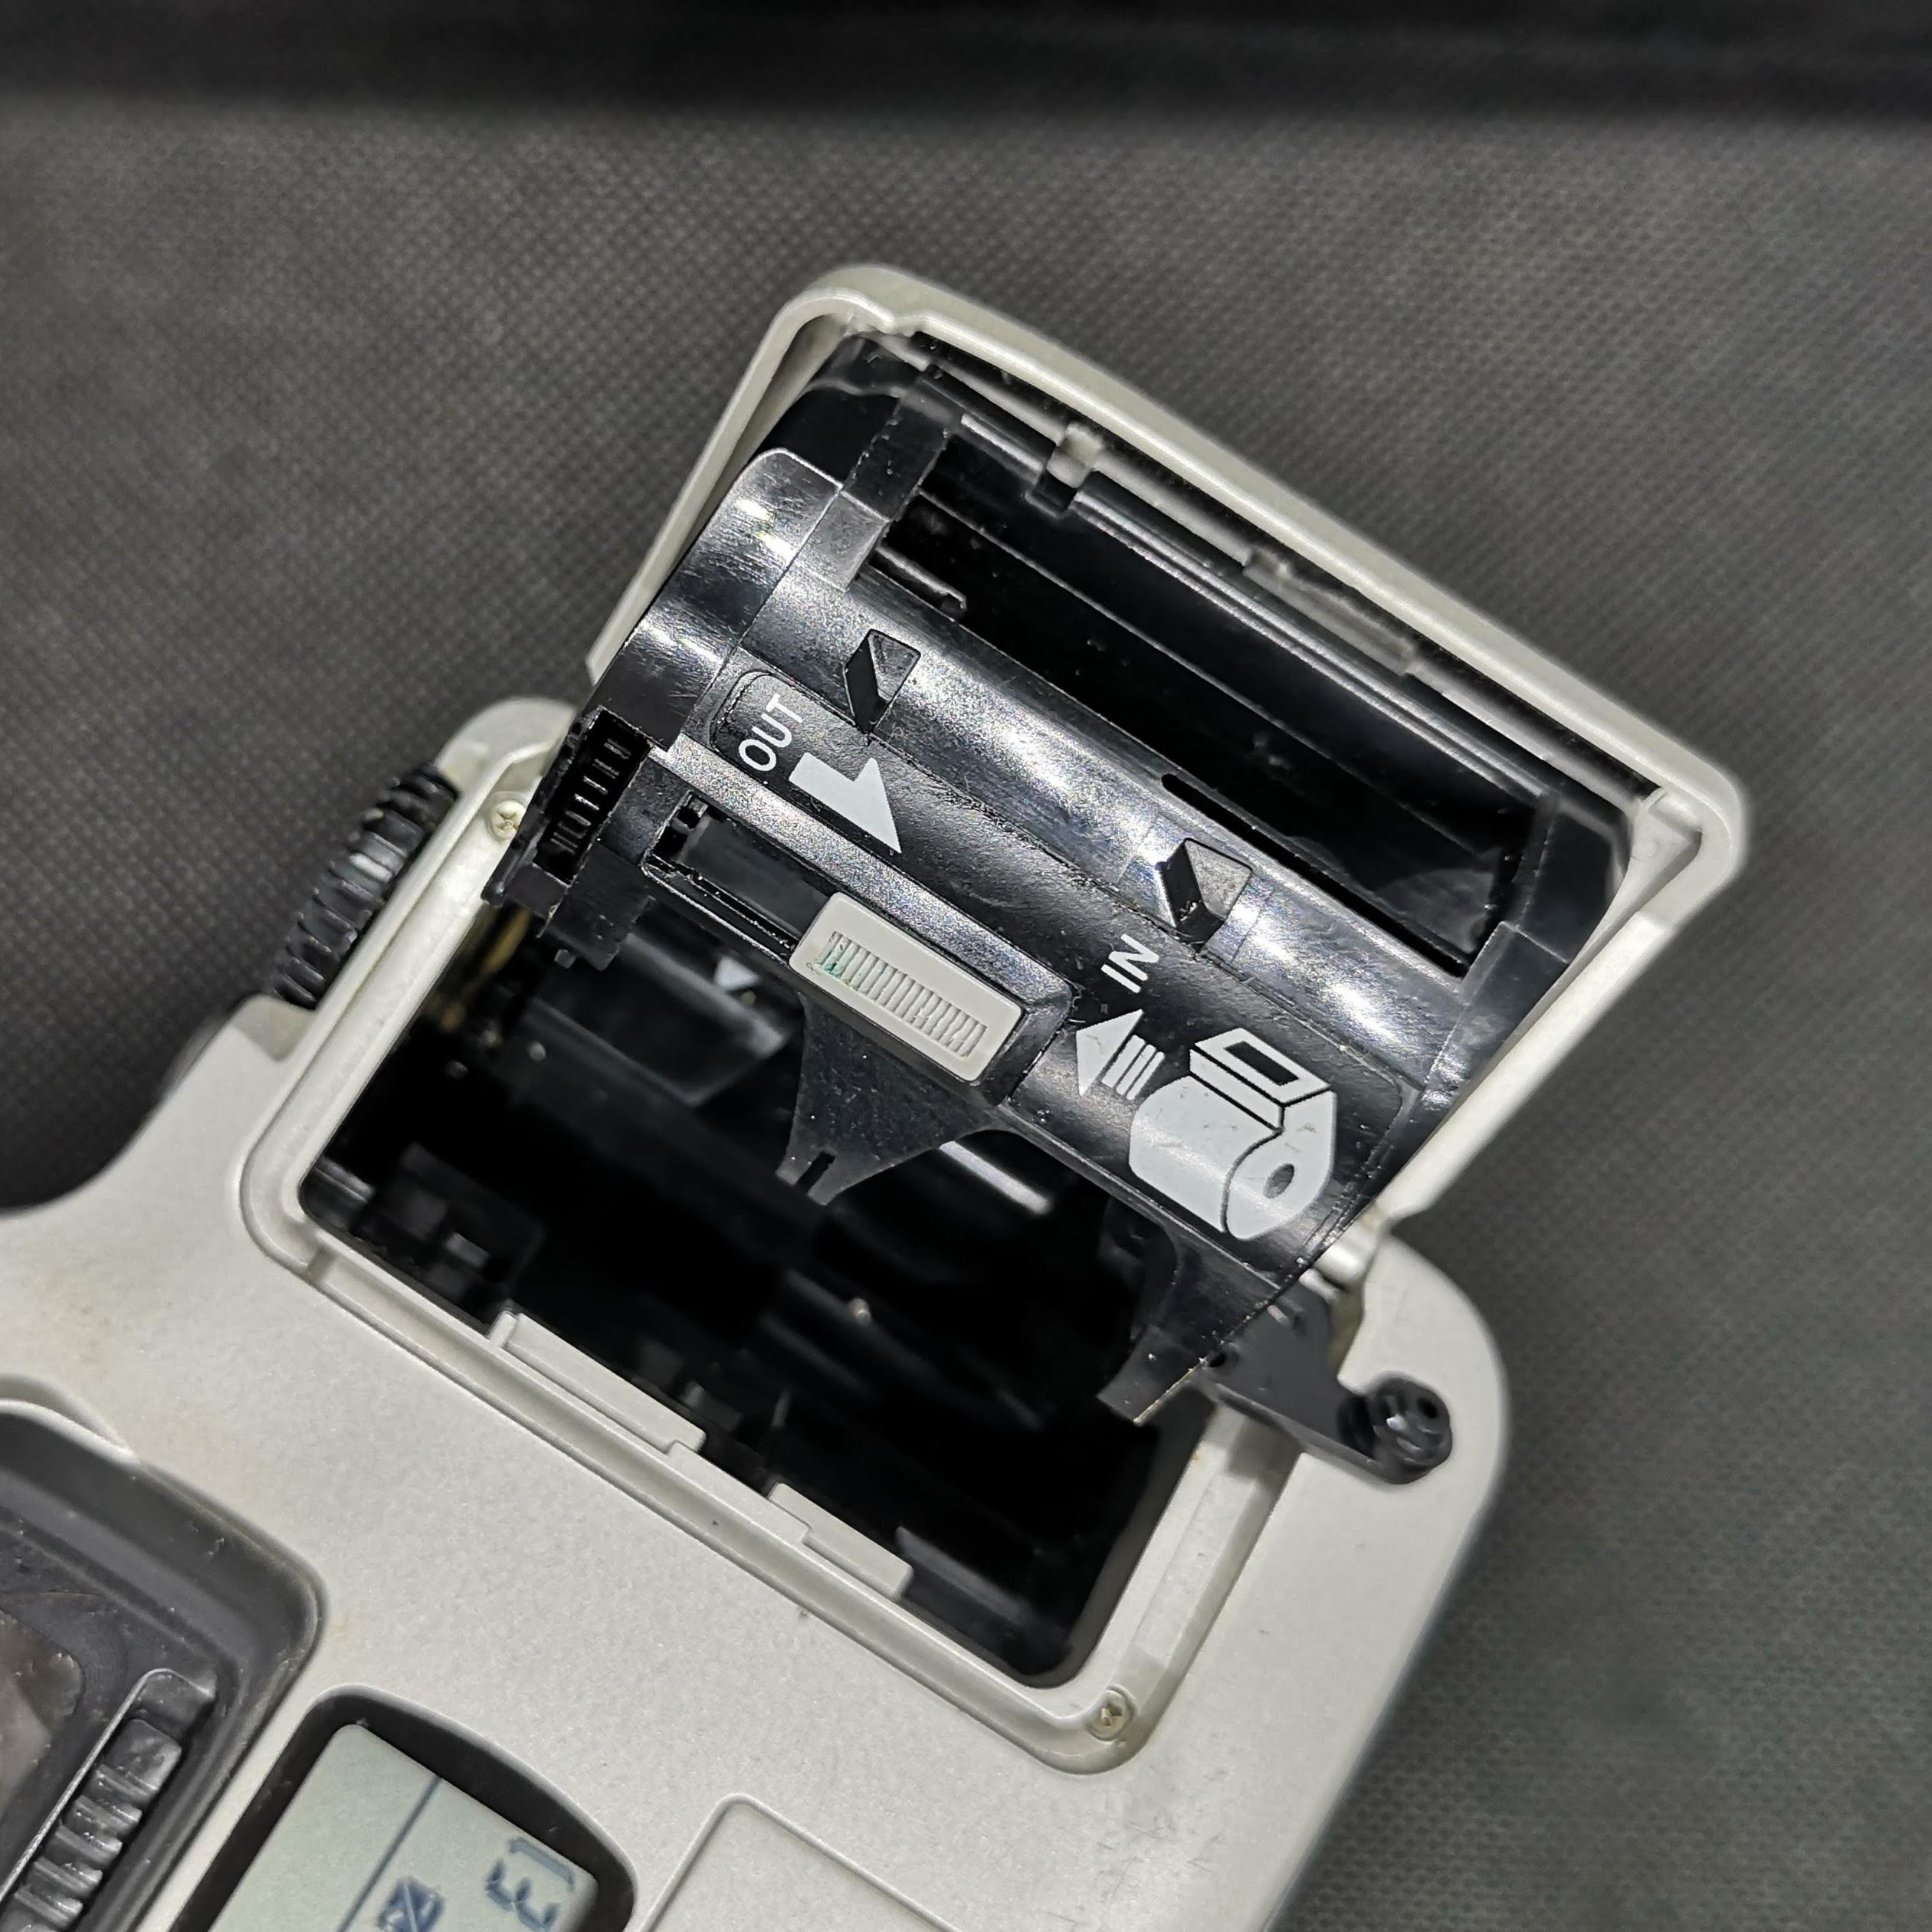 Film compartment of Pronea S